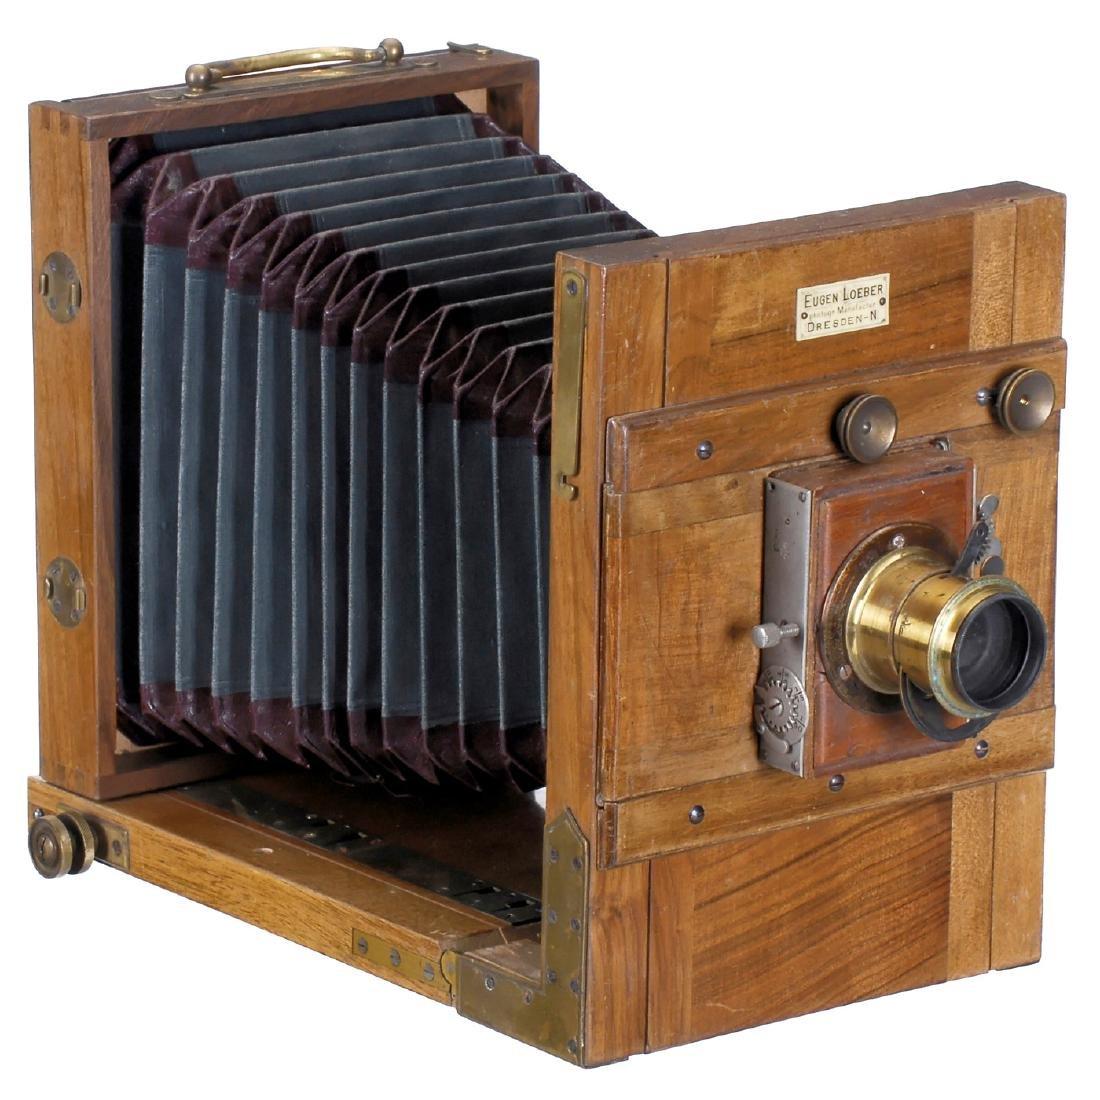 Field Camera by Eugen Loeber, Dresden, 1895 onwards